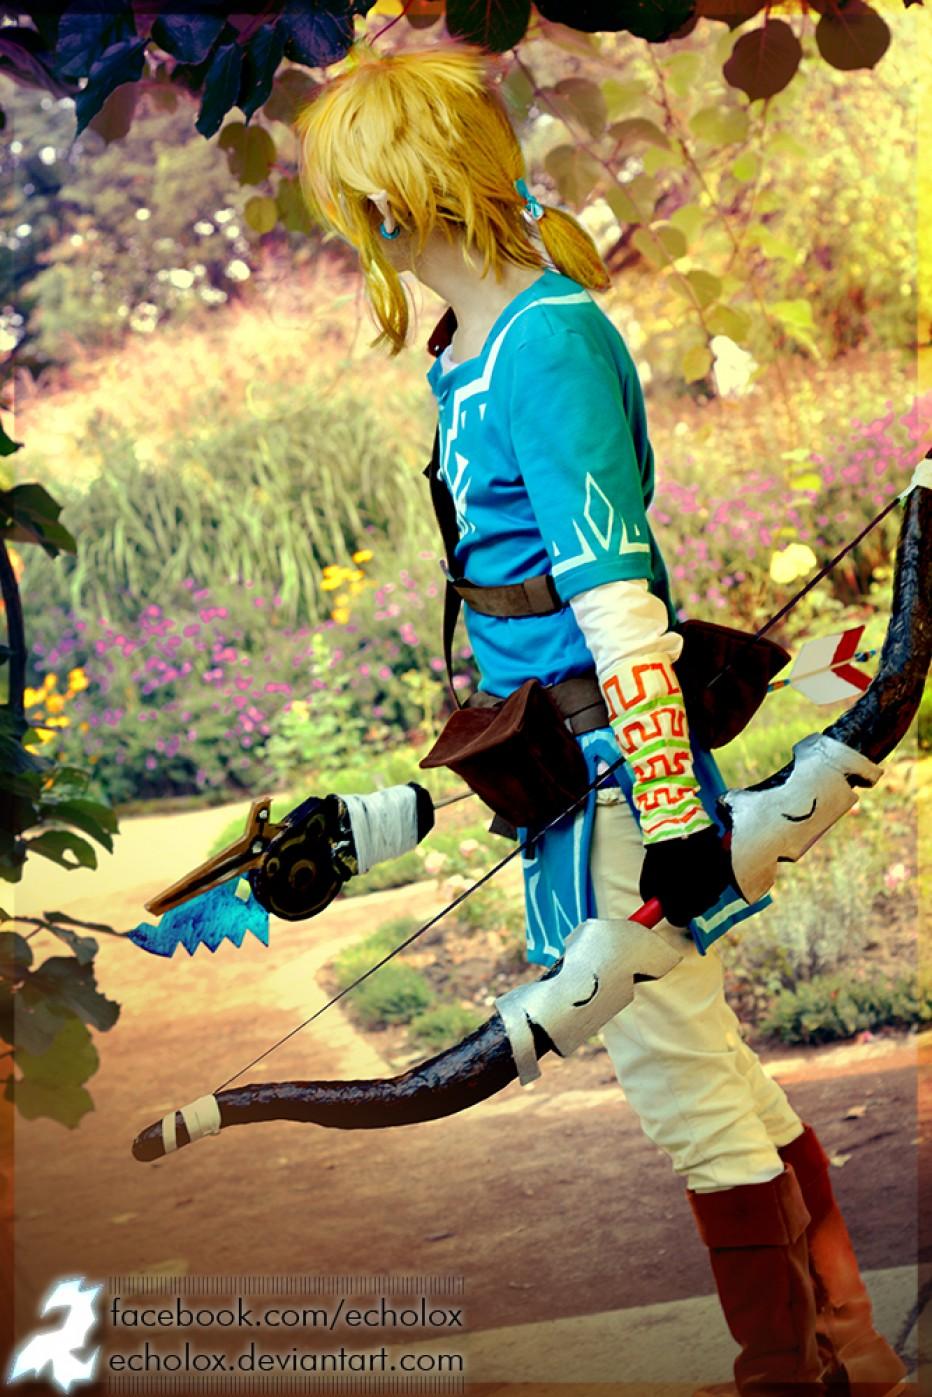 Link-Breath-of-the-Wild-Cosplay-Gamers-Heroes-4.jpg